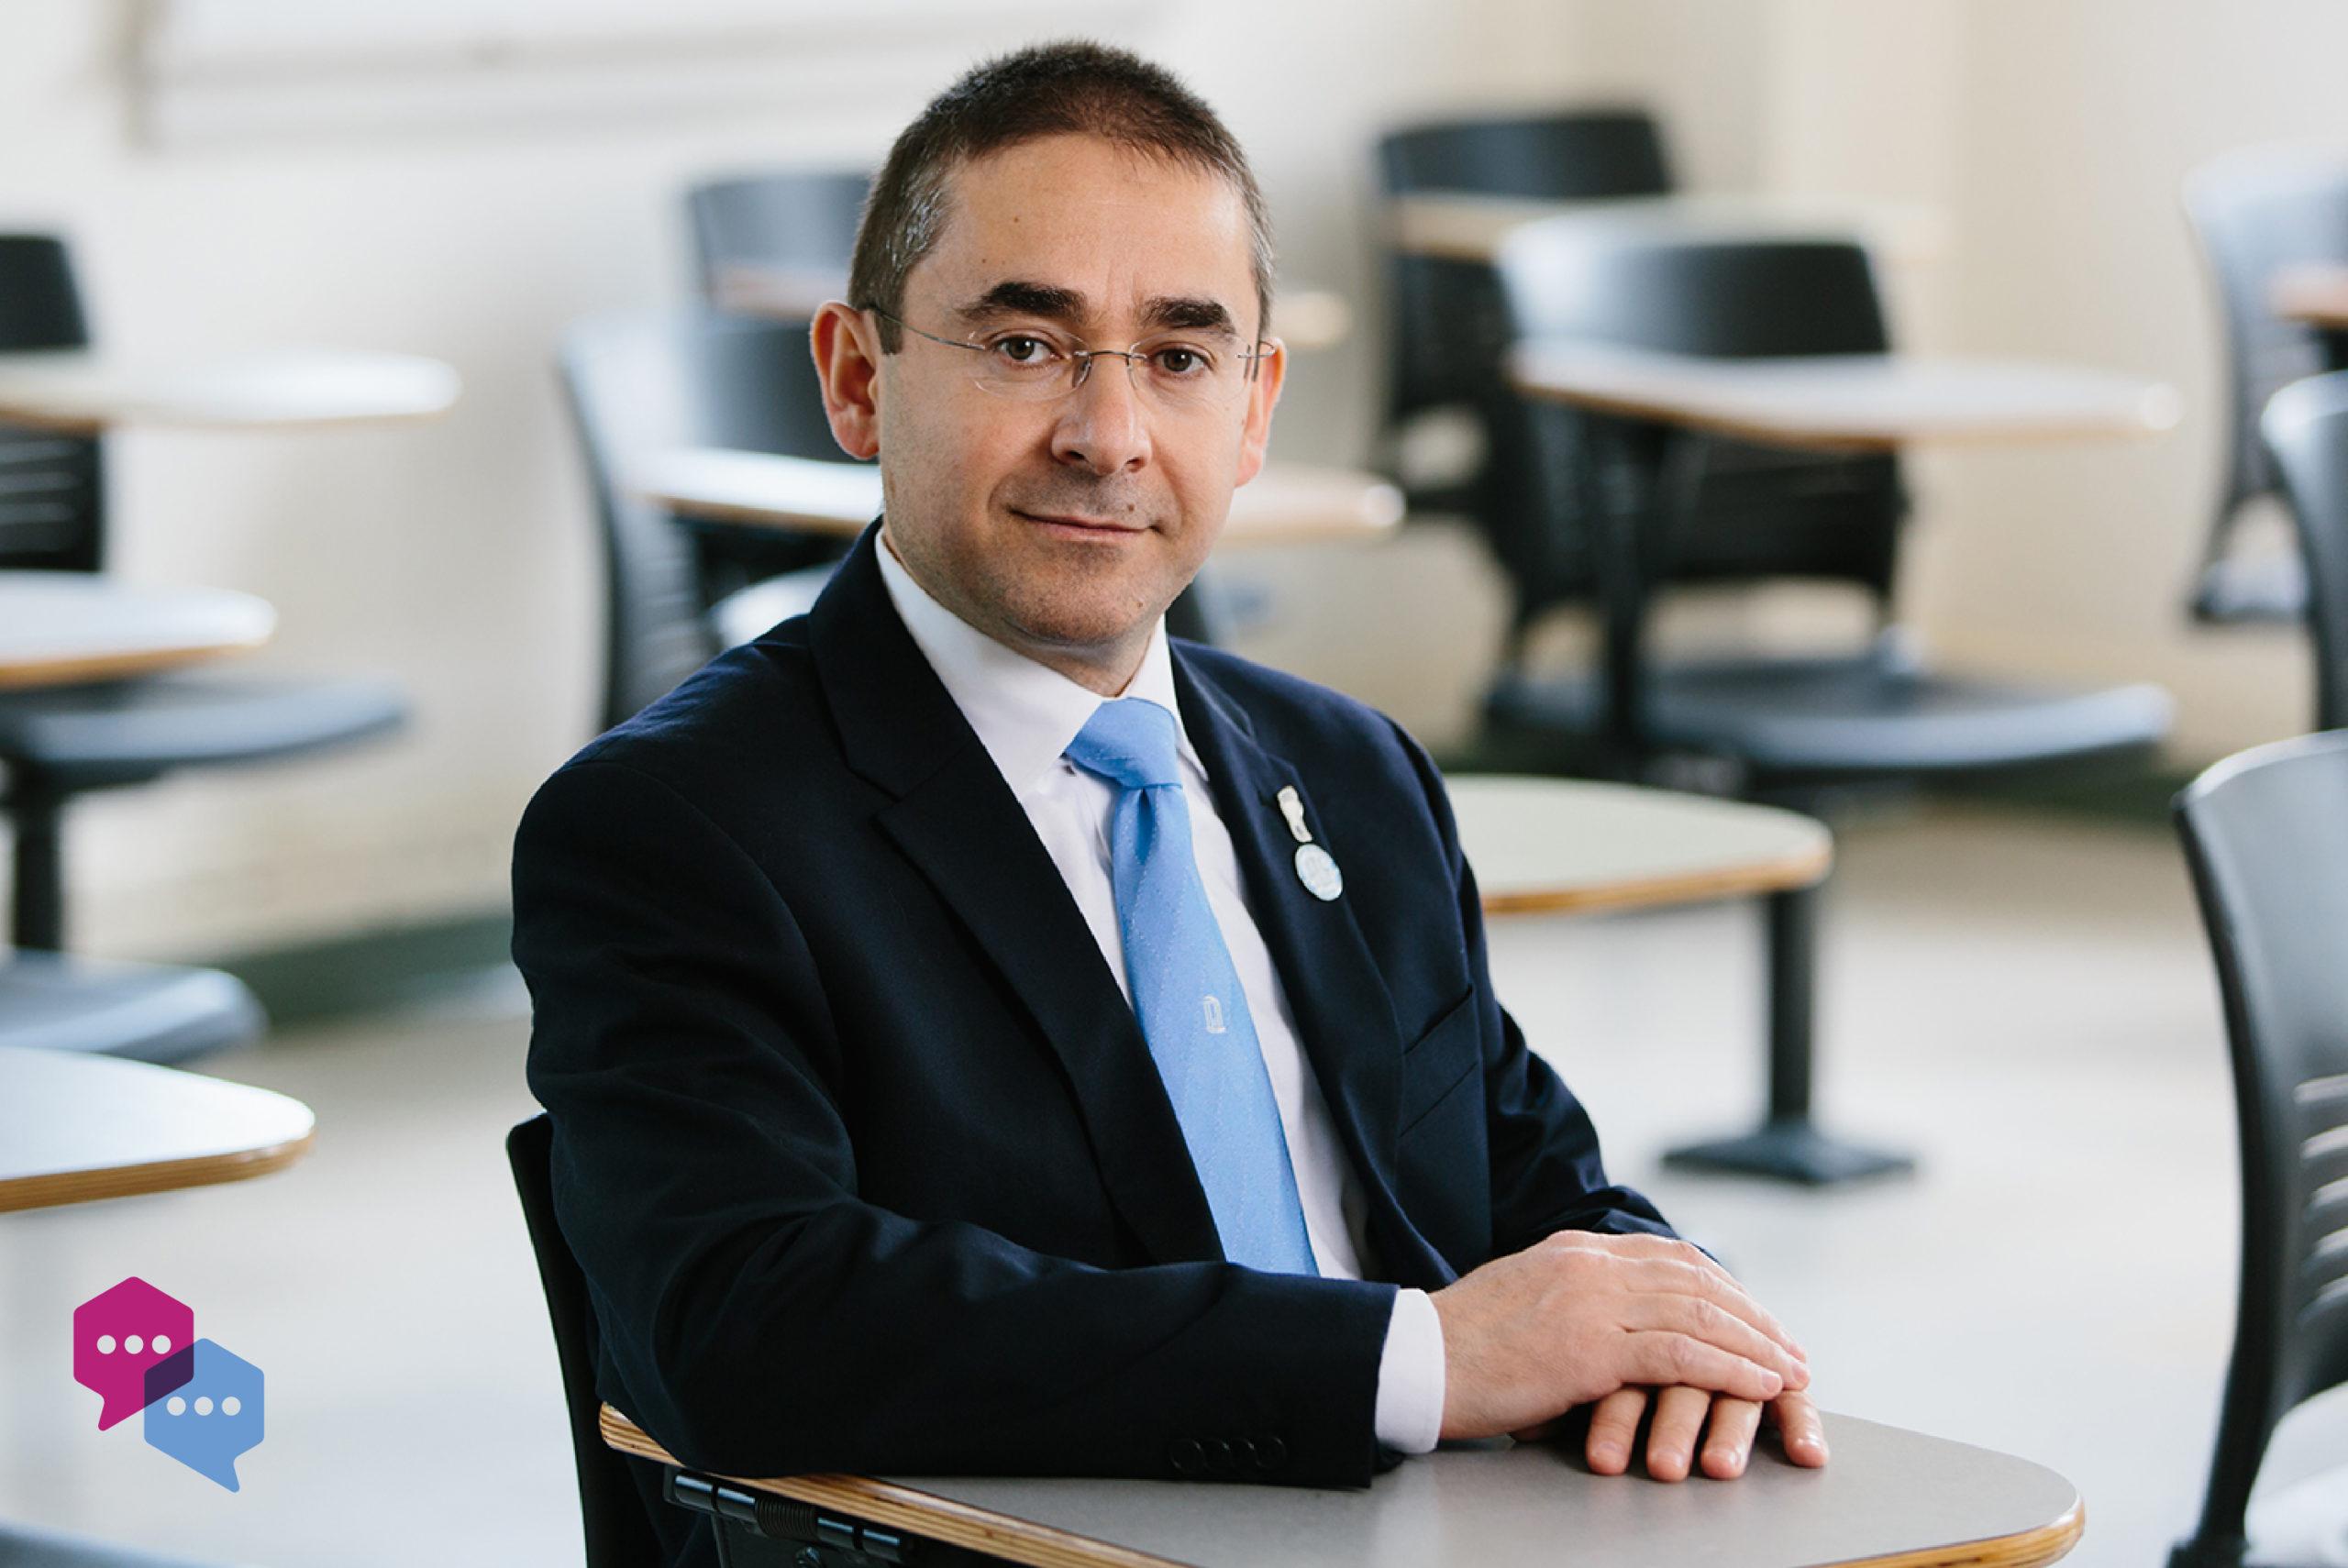 Fouad Abd-El-Khalick